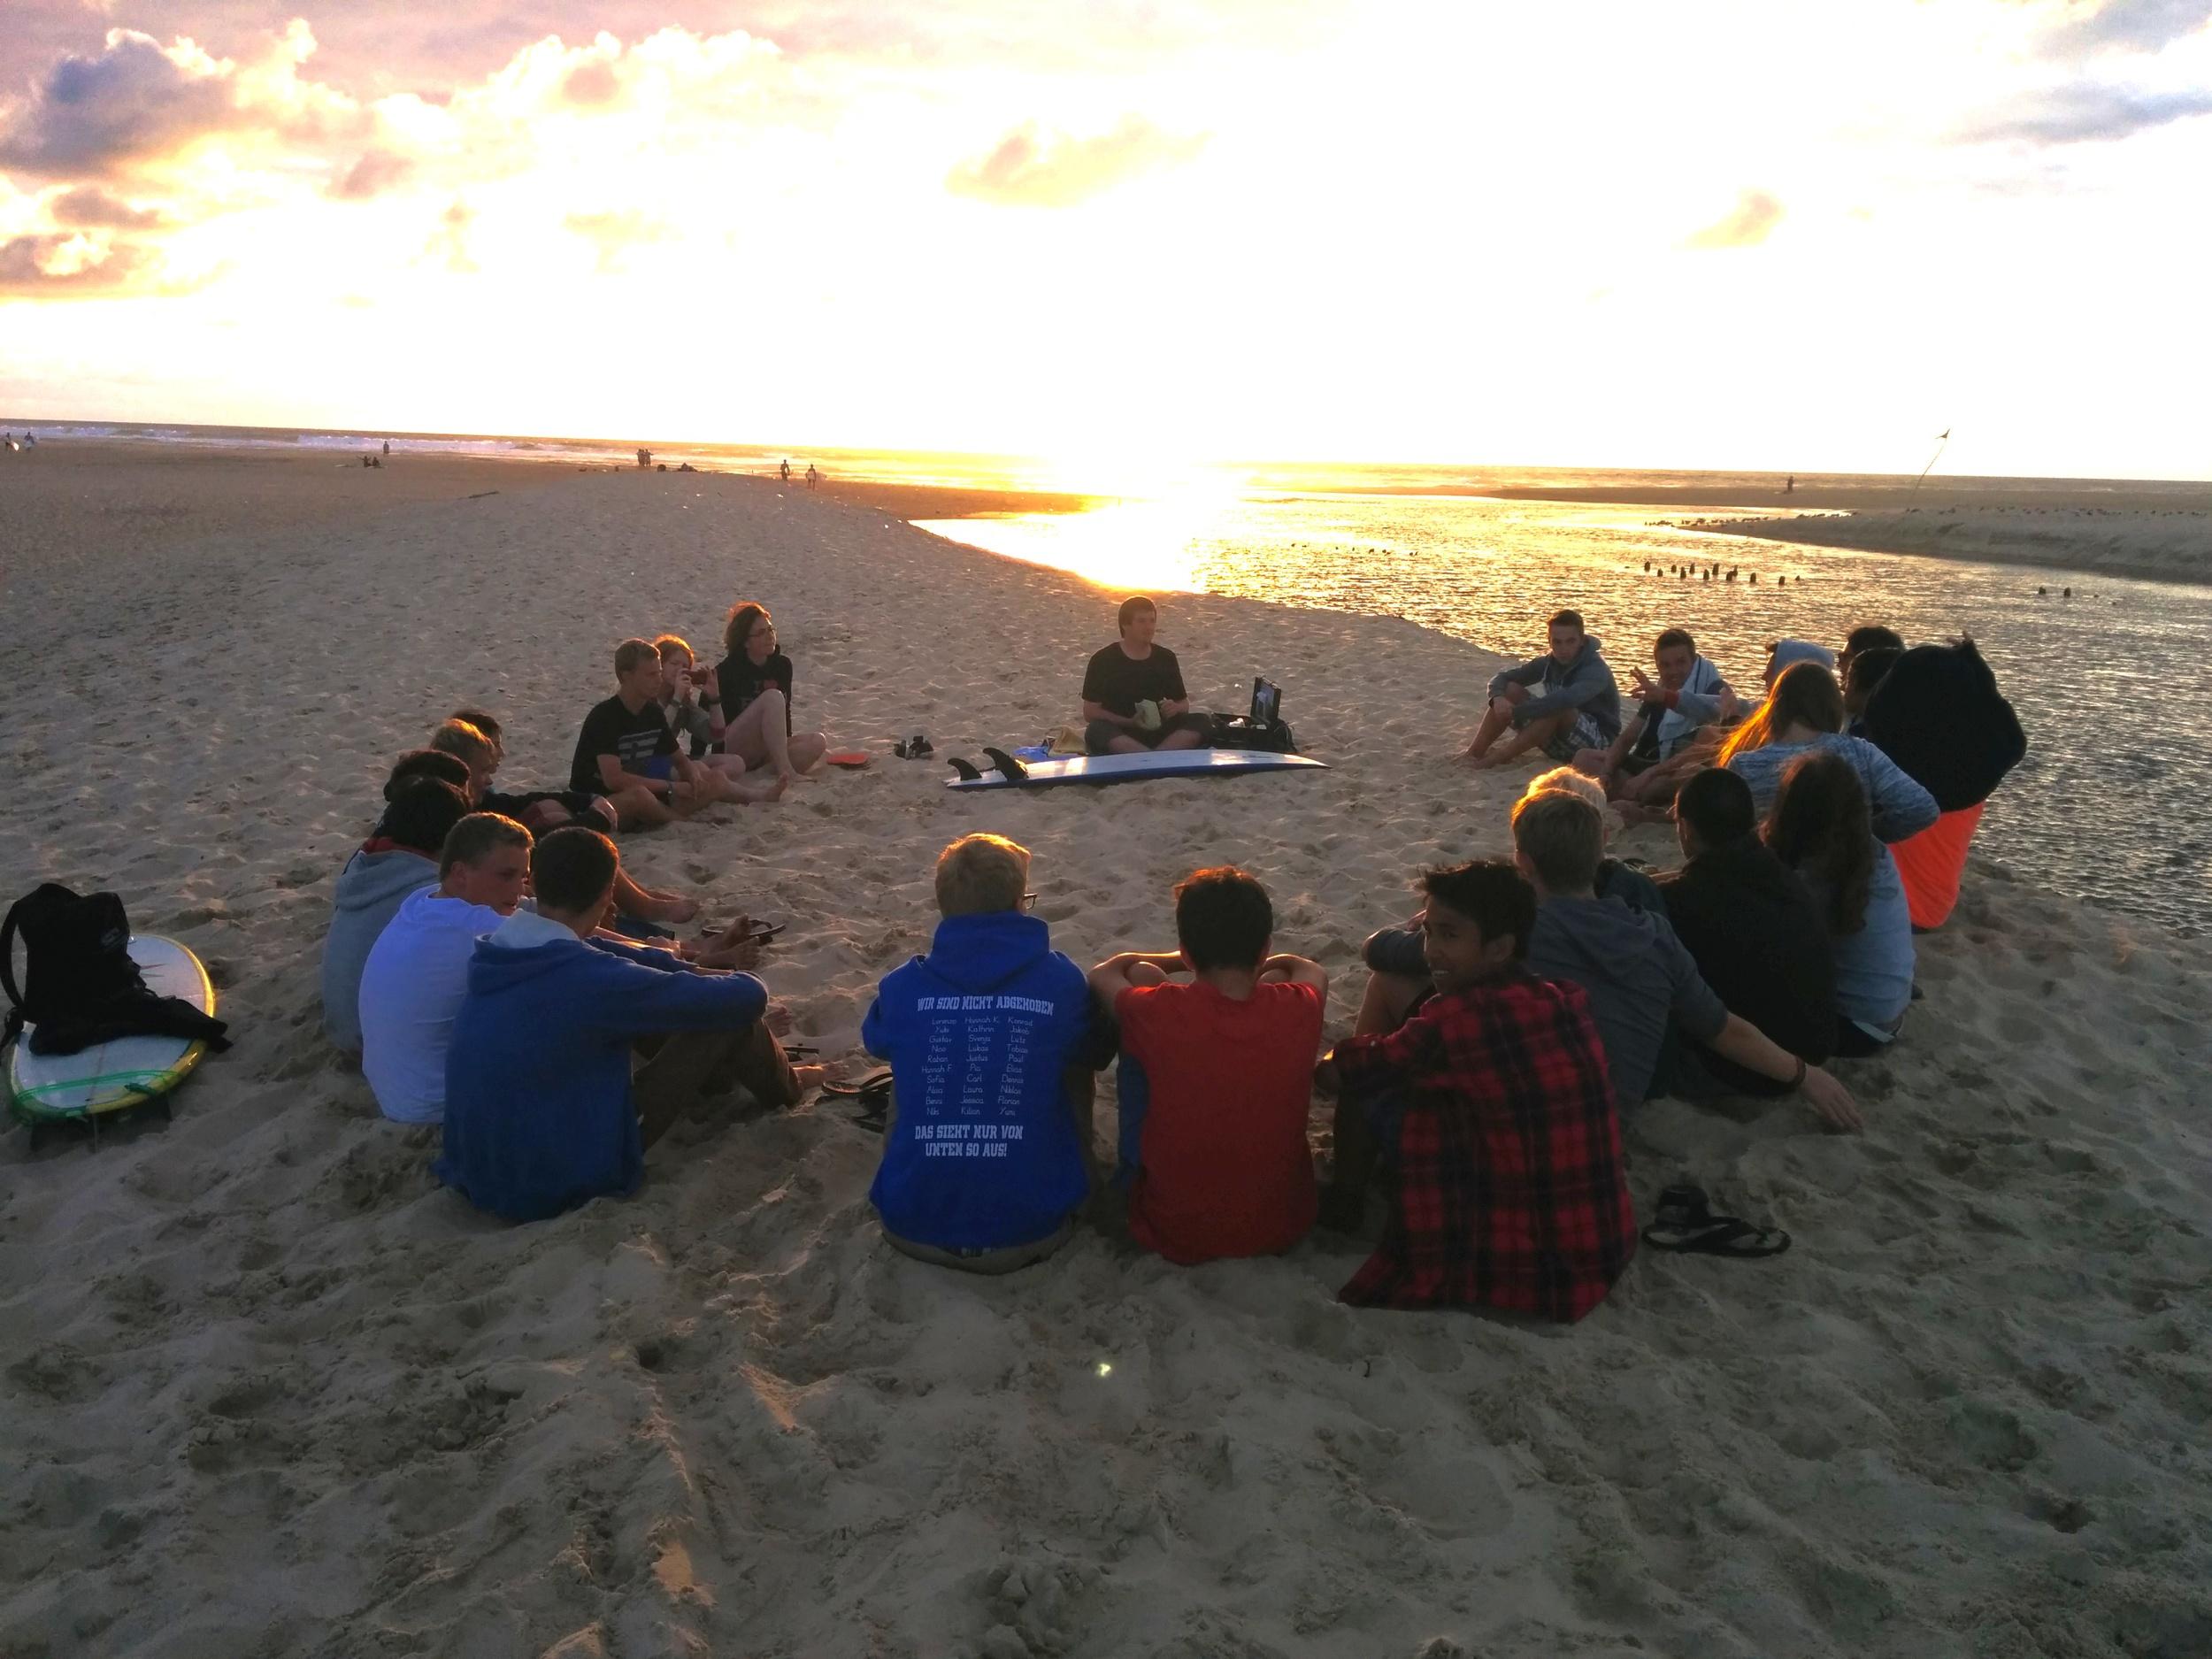 Gottesdienst am Strand. Sport und Glauben an der Französischen Atlantikküste. Foto: Simon Schade